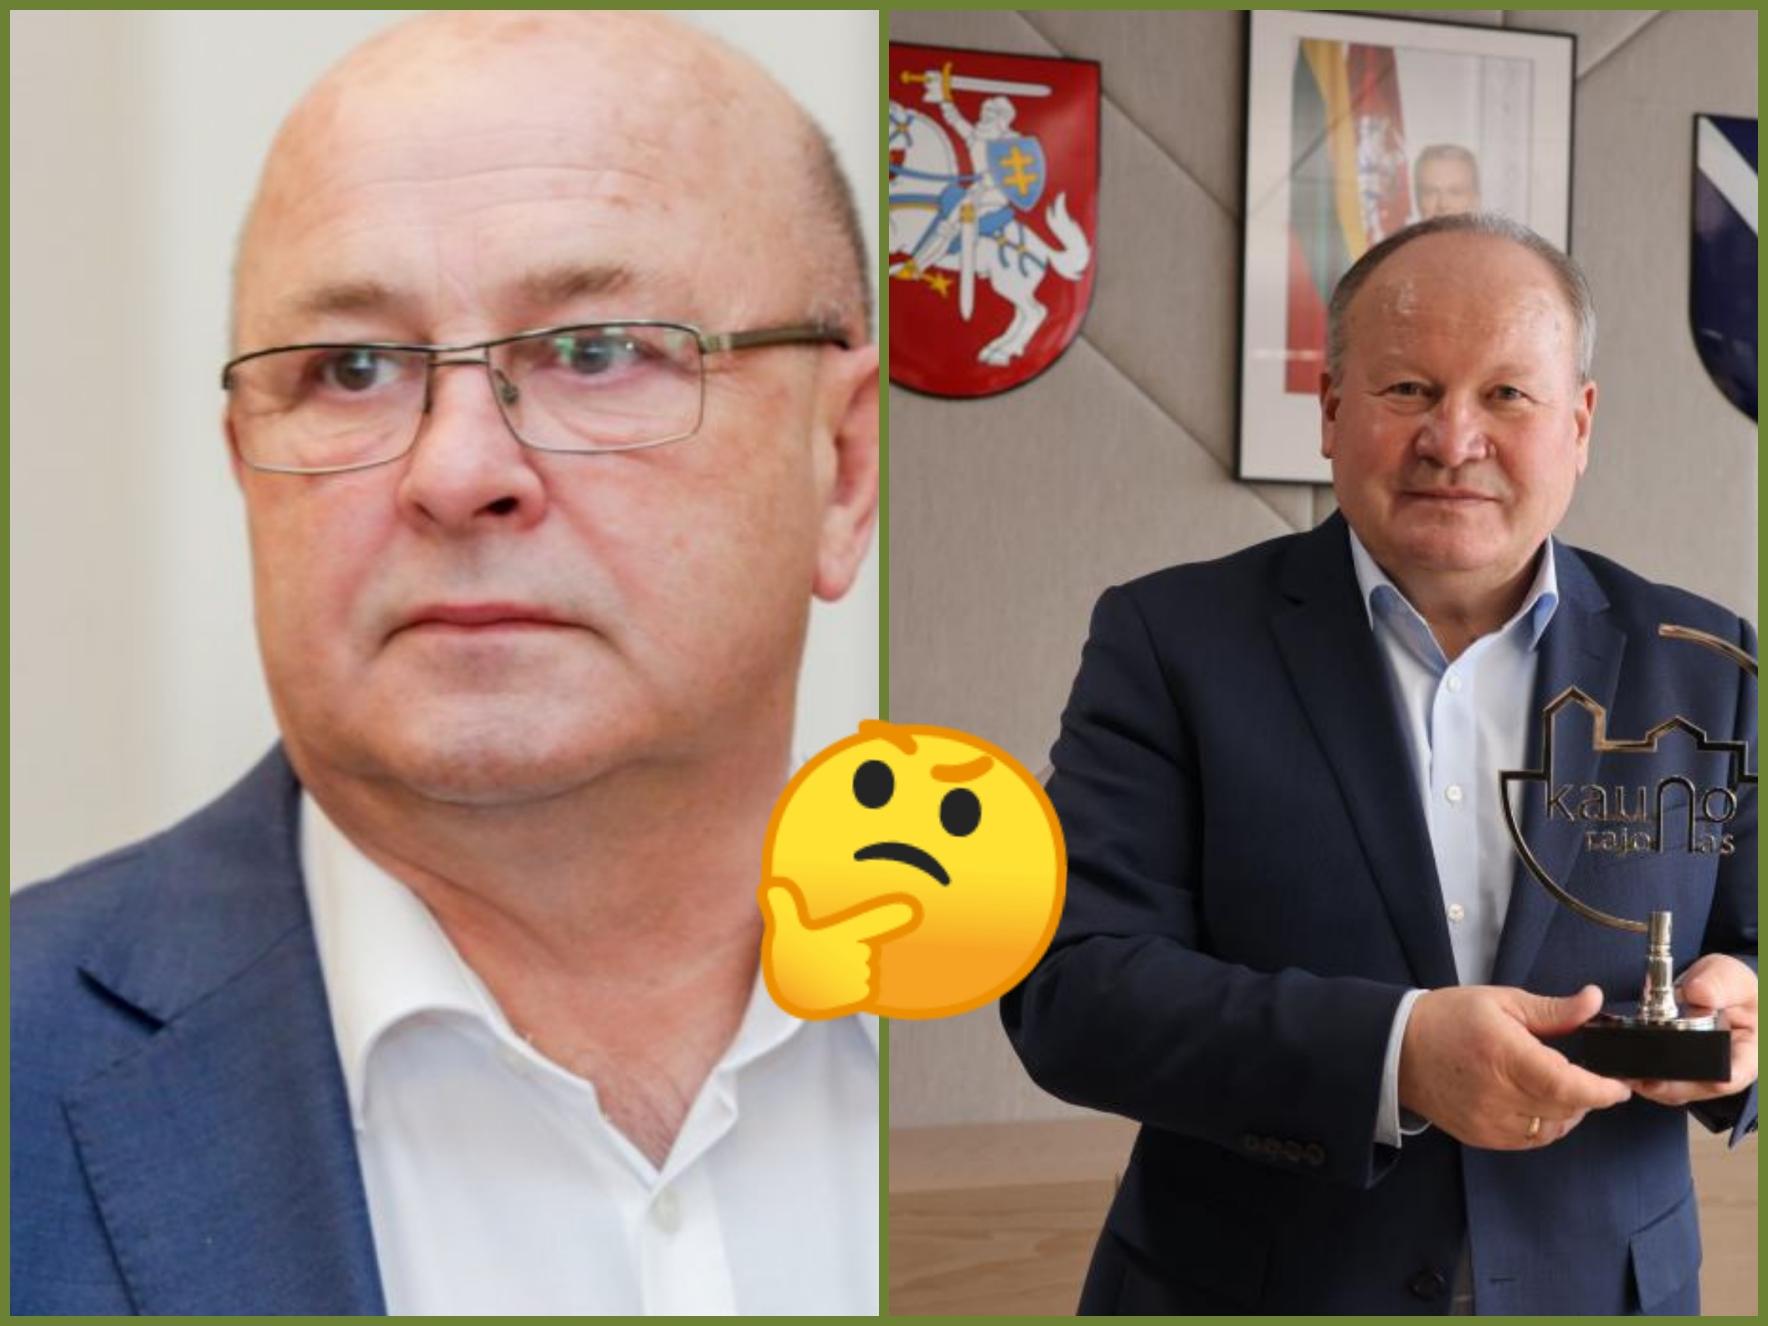 Jauno mieso meras Visvaldas matijošaitis ir Kauno rajono meras Valerijus makūnas